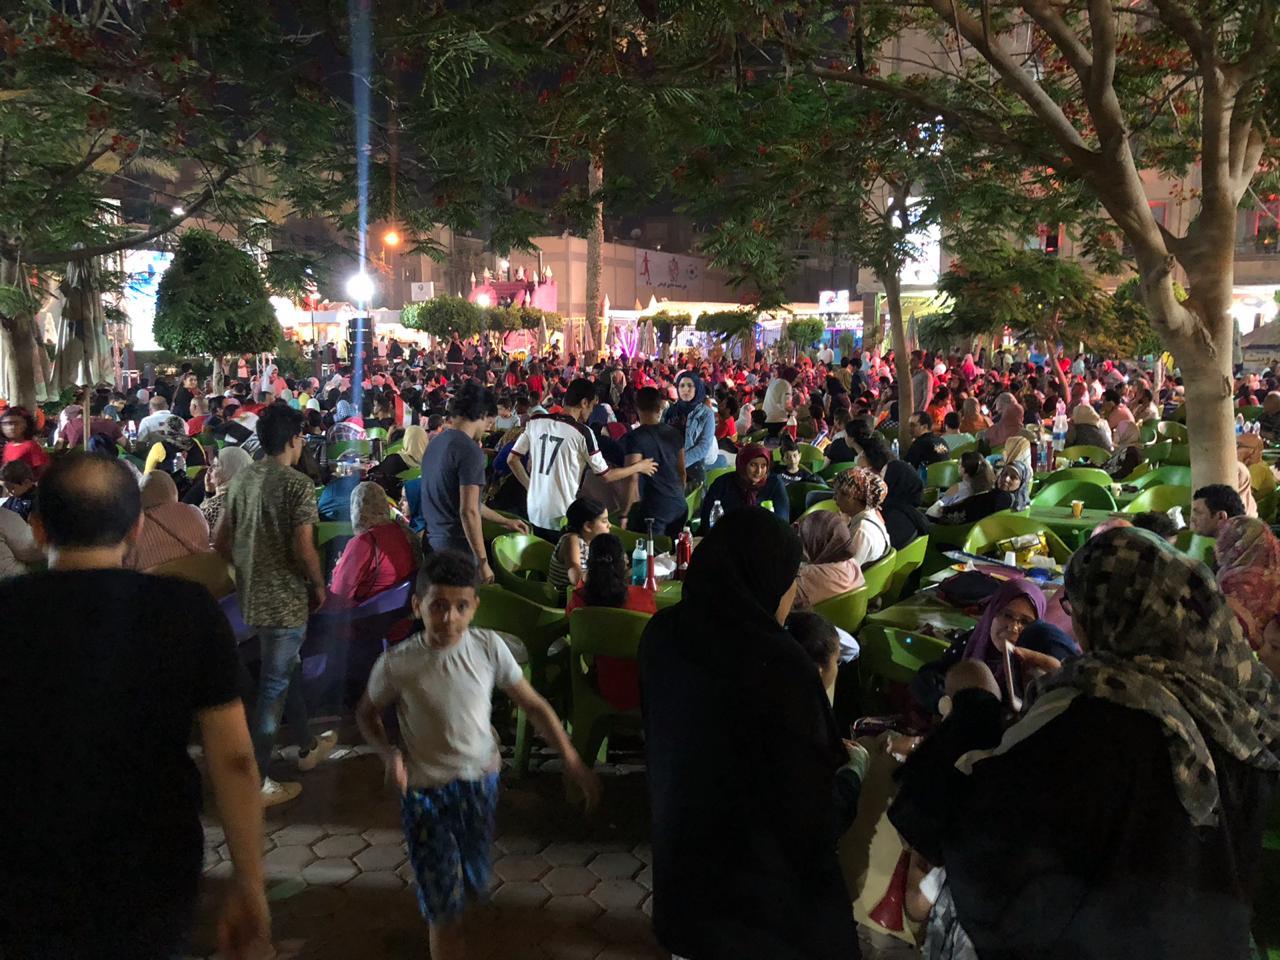 اقبال كبير لمتابعة مباراة مصر والكونغو الديمقراطية في ثاني مباريات المنتخب (5)